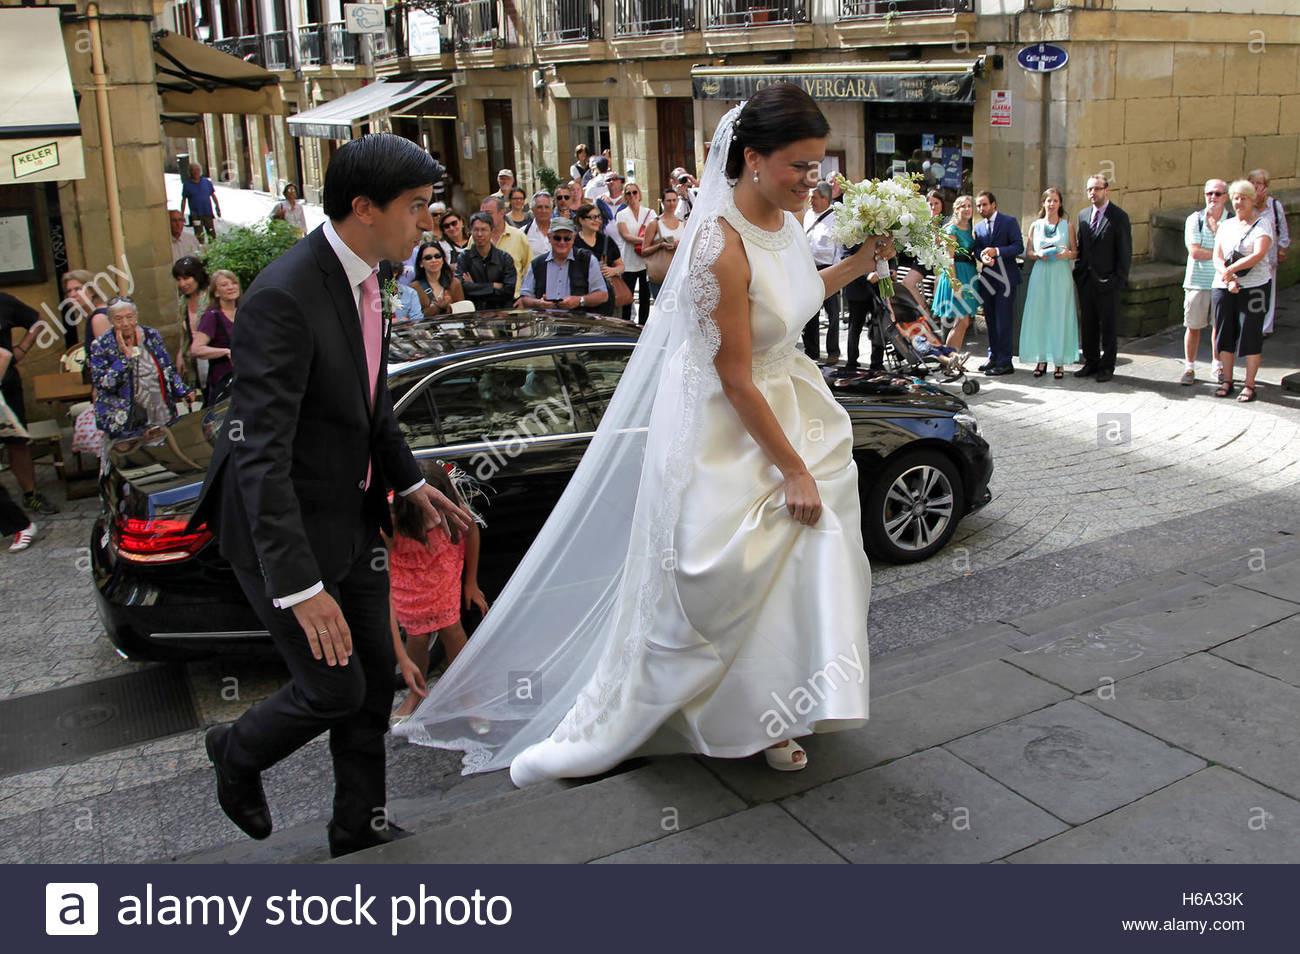 Die Spanische Hochzeit Stockfotos & Die Spanische Hochzeit